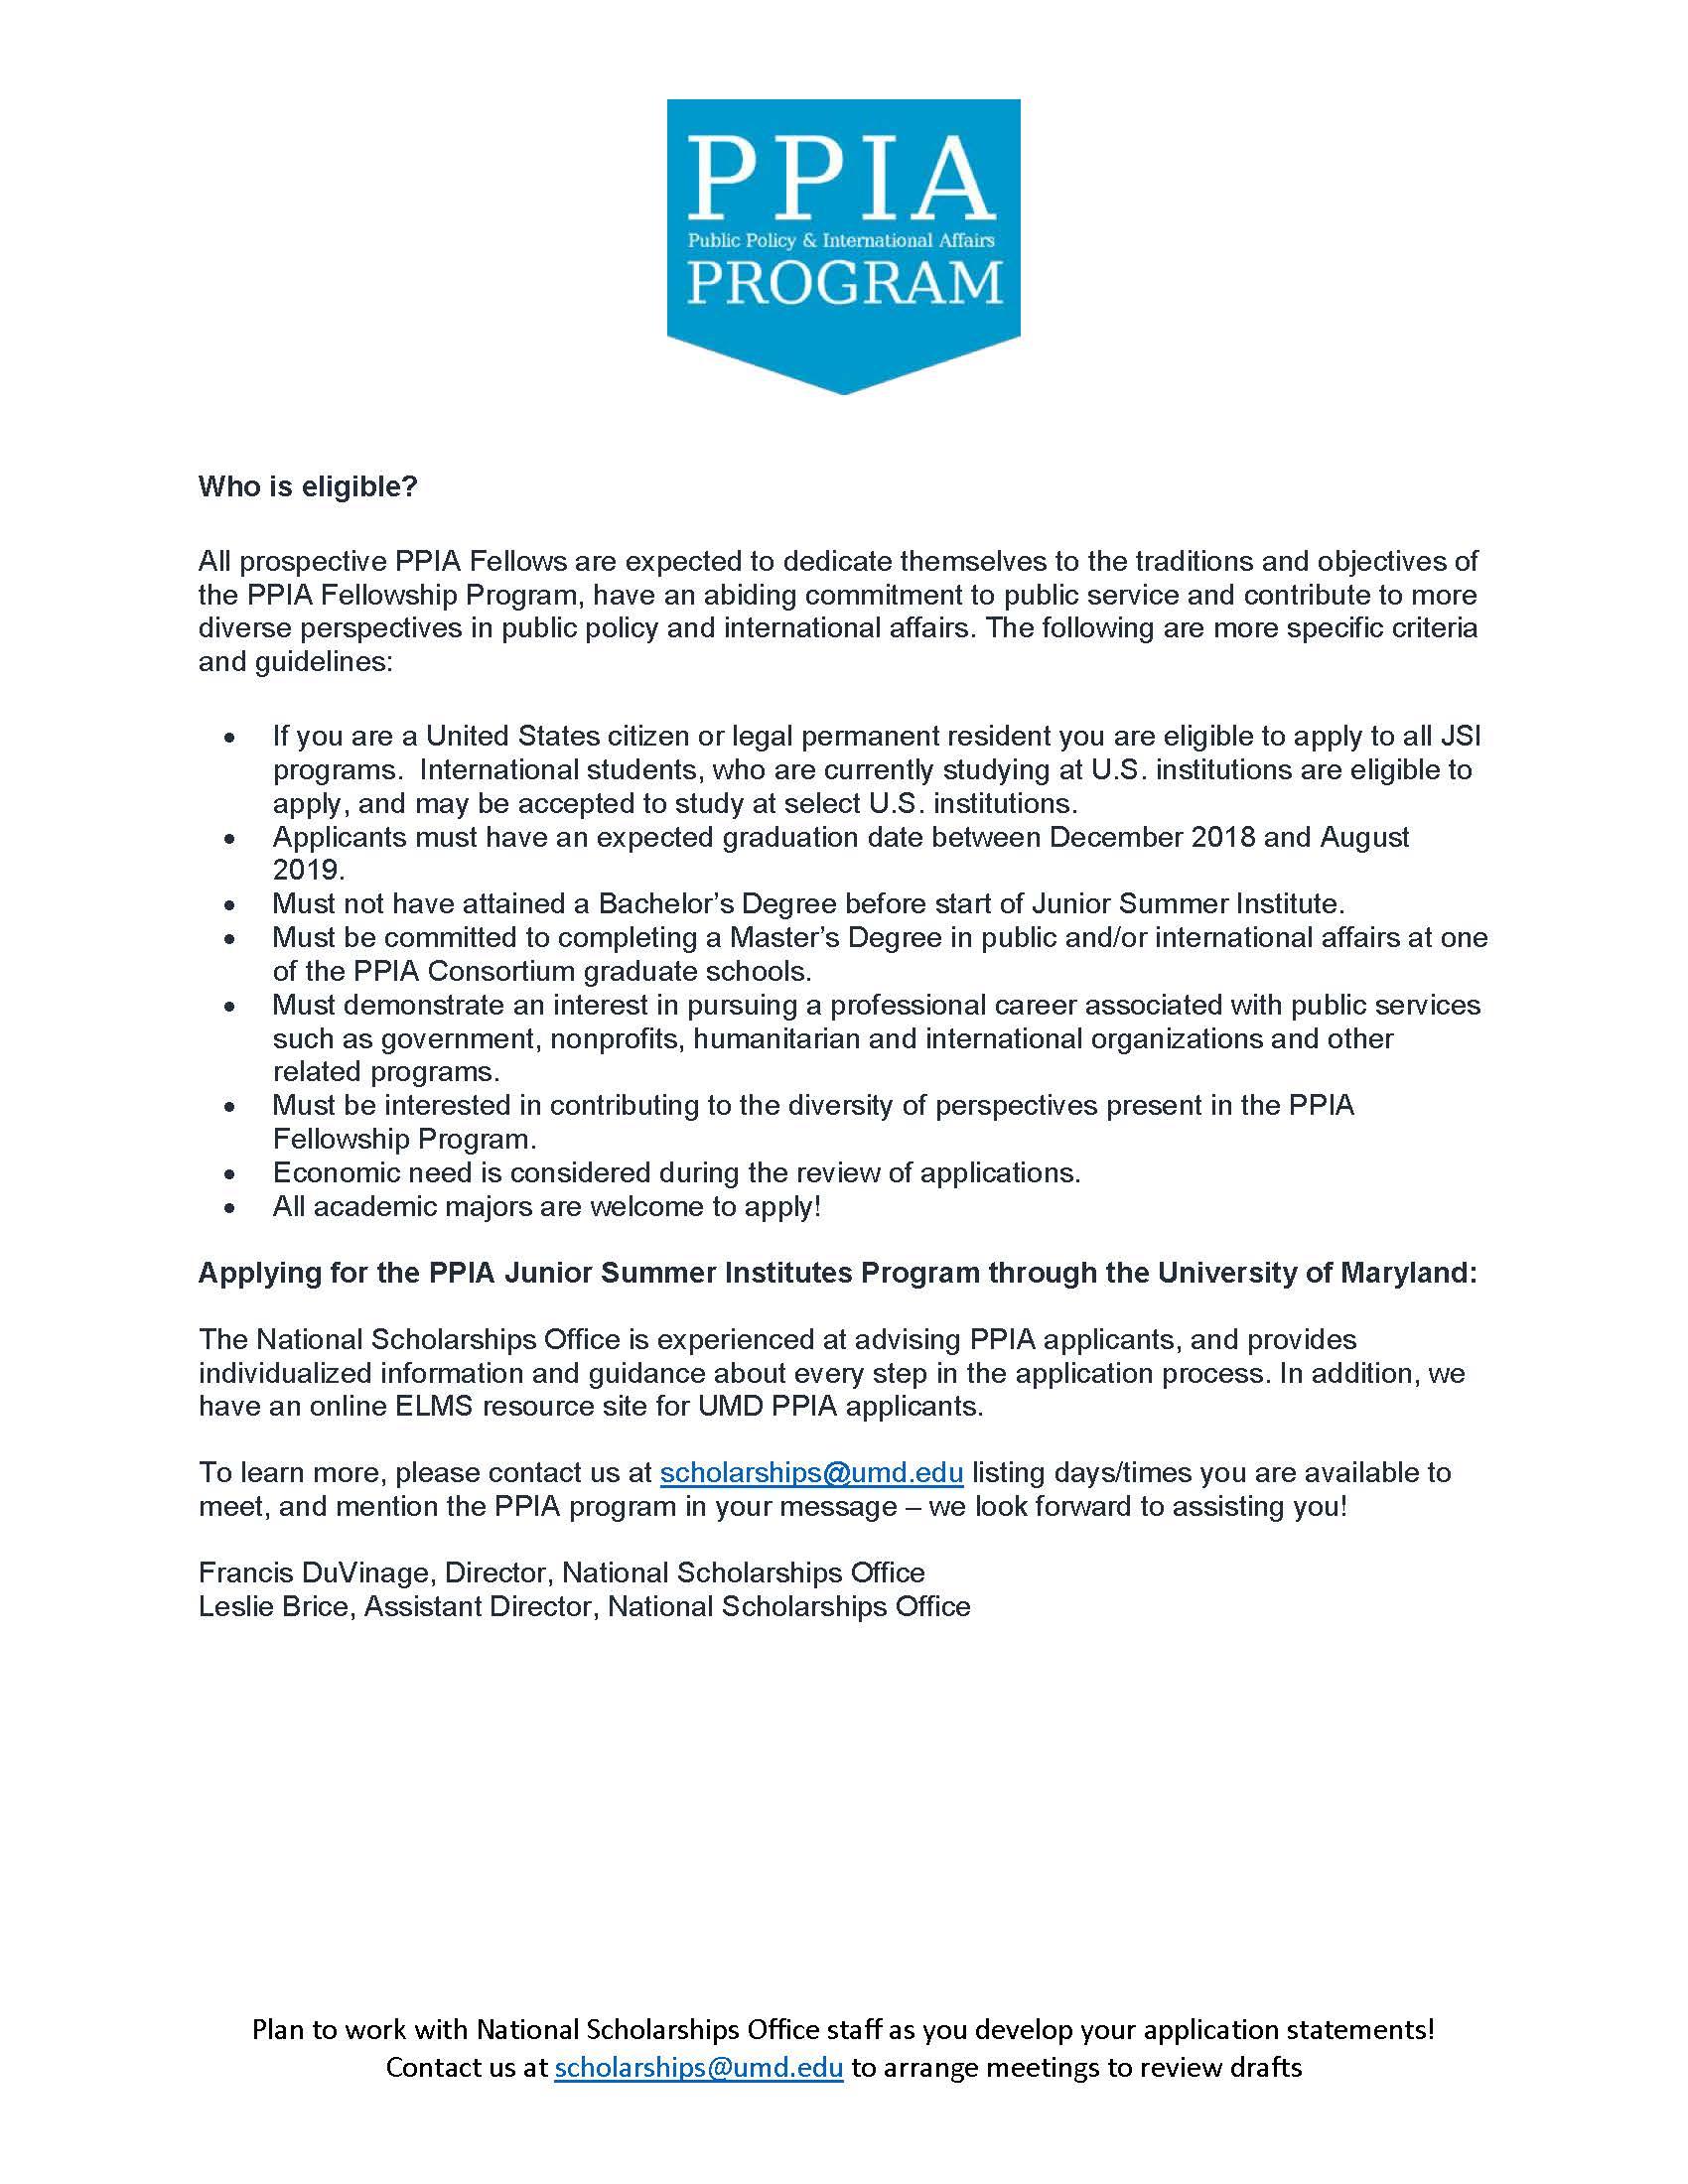 PPIA Int'l Affairs & Public Policy Summer Institute - Program Description Handout_Page_2.jpg